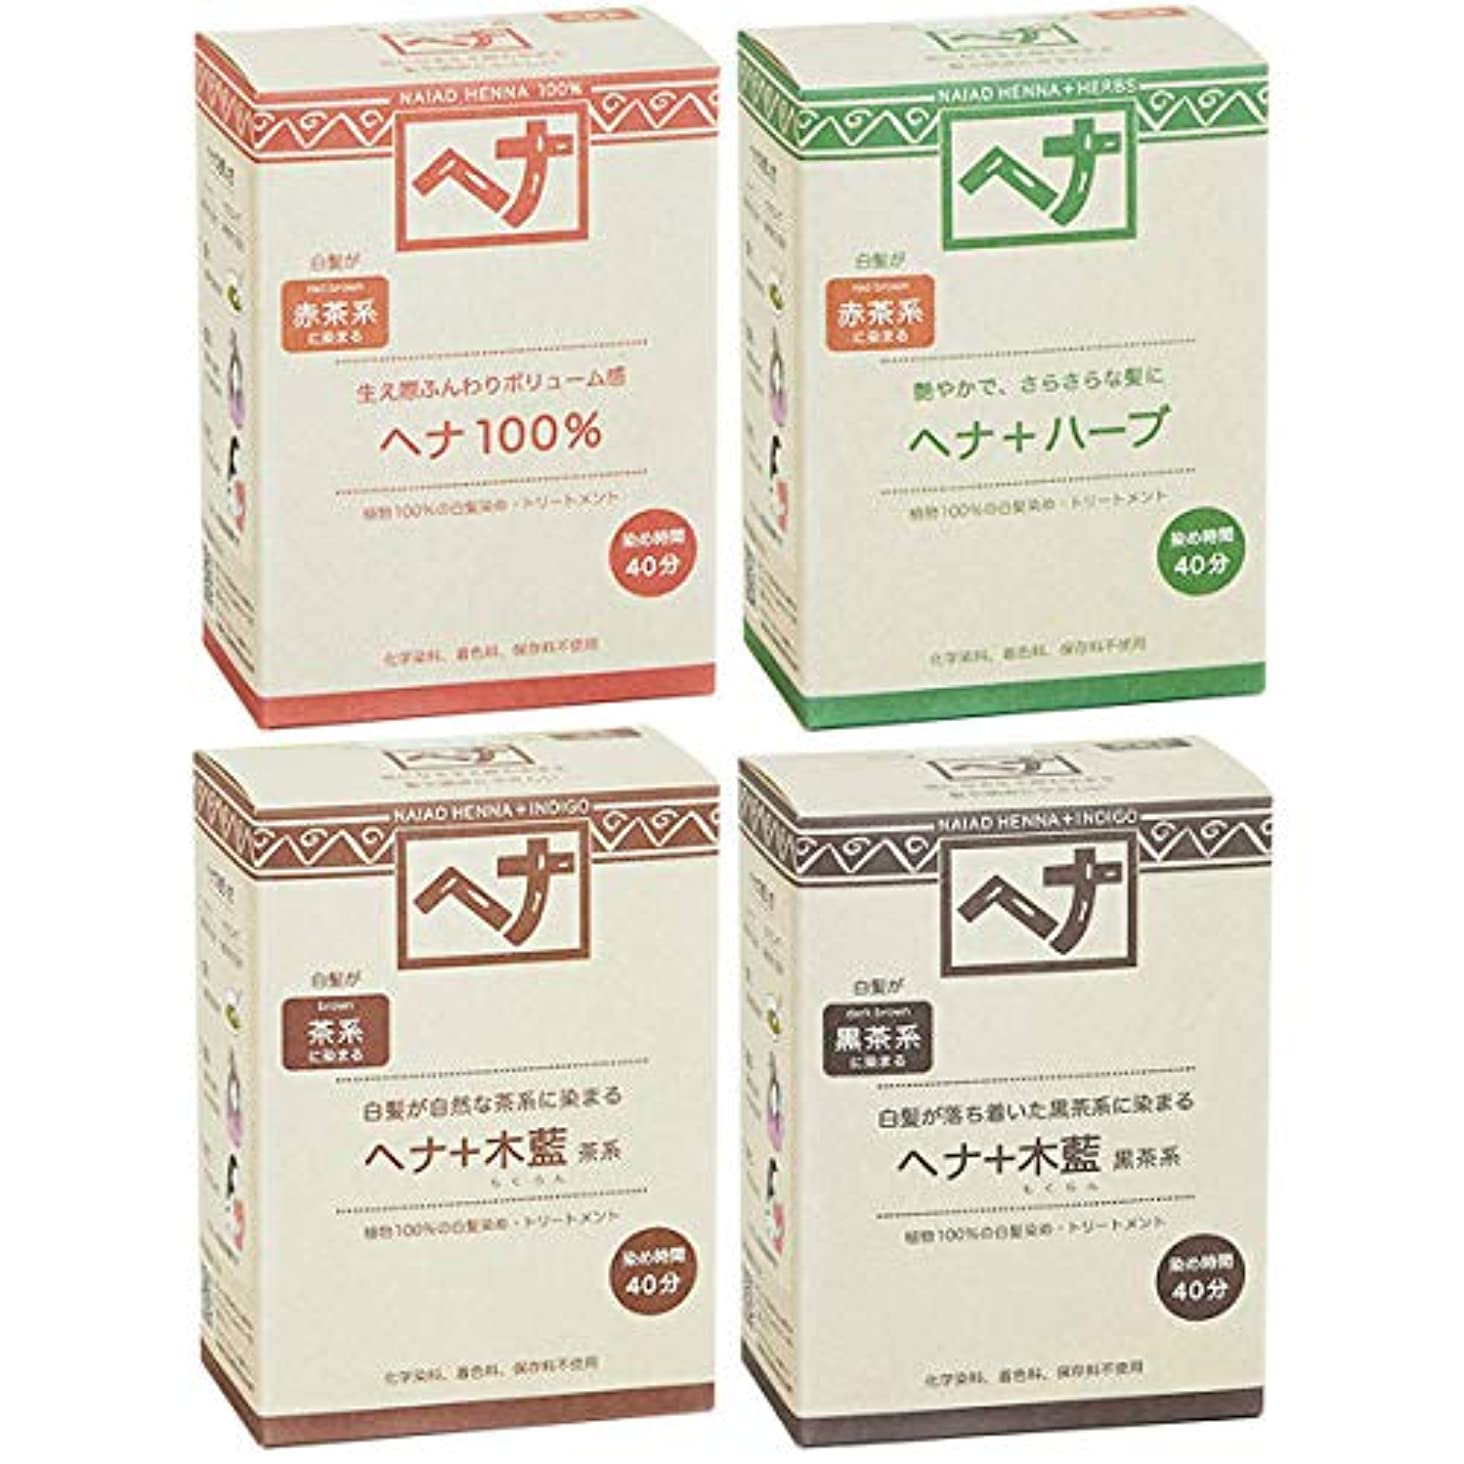 感嘆ありがたい重荷ナイアード ヘナ 100g 4点セット(ヘナ100%?ヘナ + ハーブ?ヘナ + 木藍 茶系? ヘナ + 木藍 黒茶系)